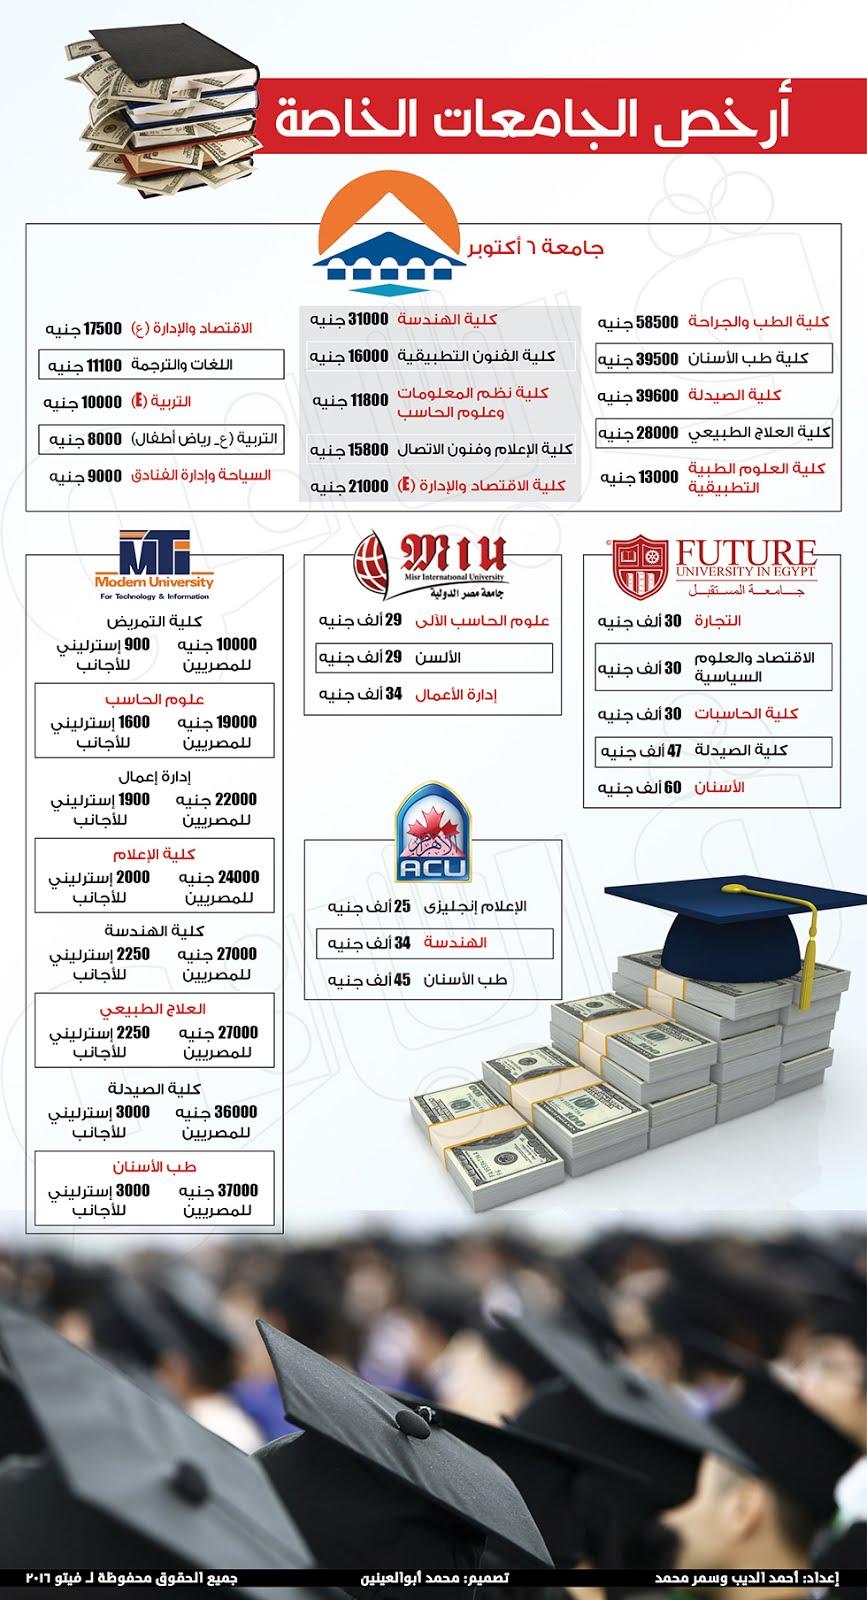 أرخص الجامعات الخاصة  في مصر 2016-2017 .. تعرفوا عليها الان